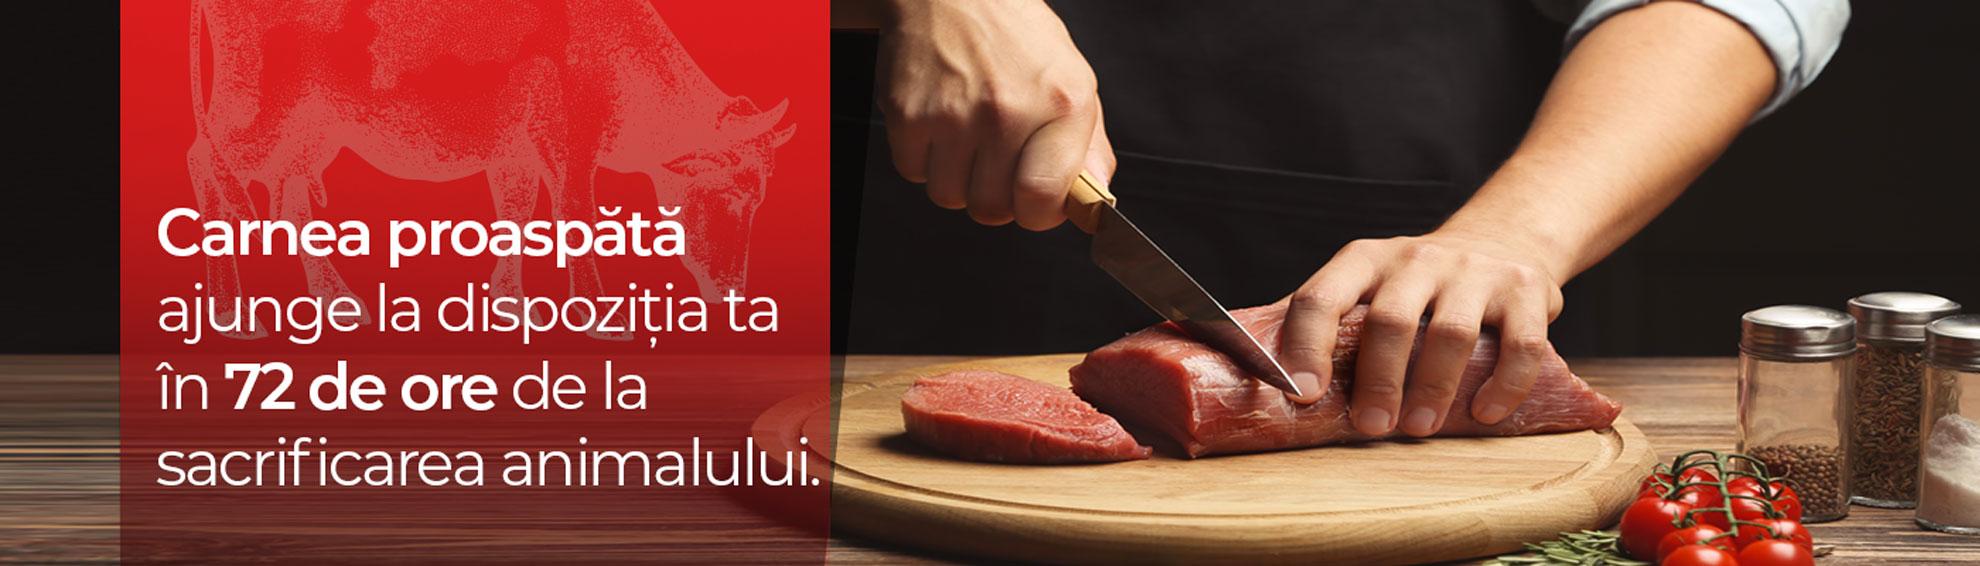 Carnea proaspătă ajunge la dispoziția ta în 72 de ore...